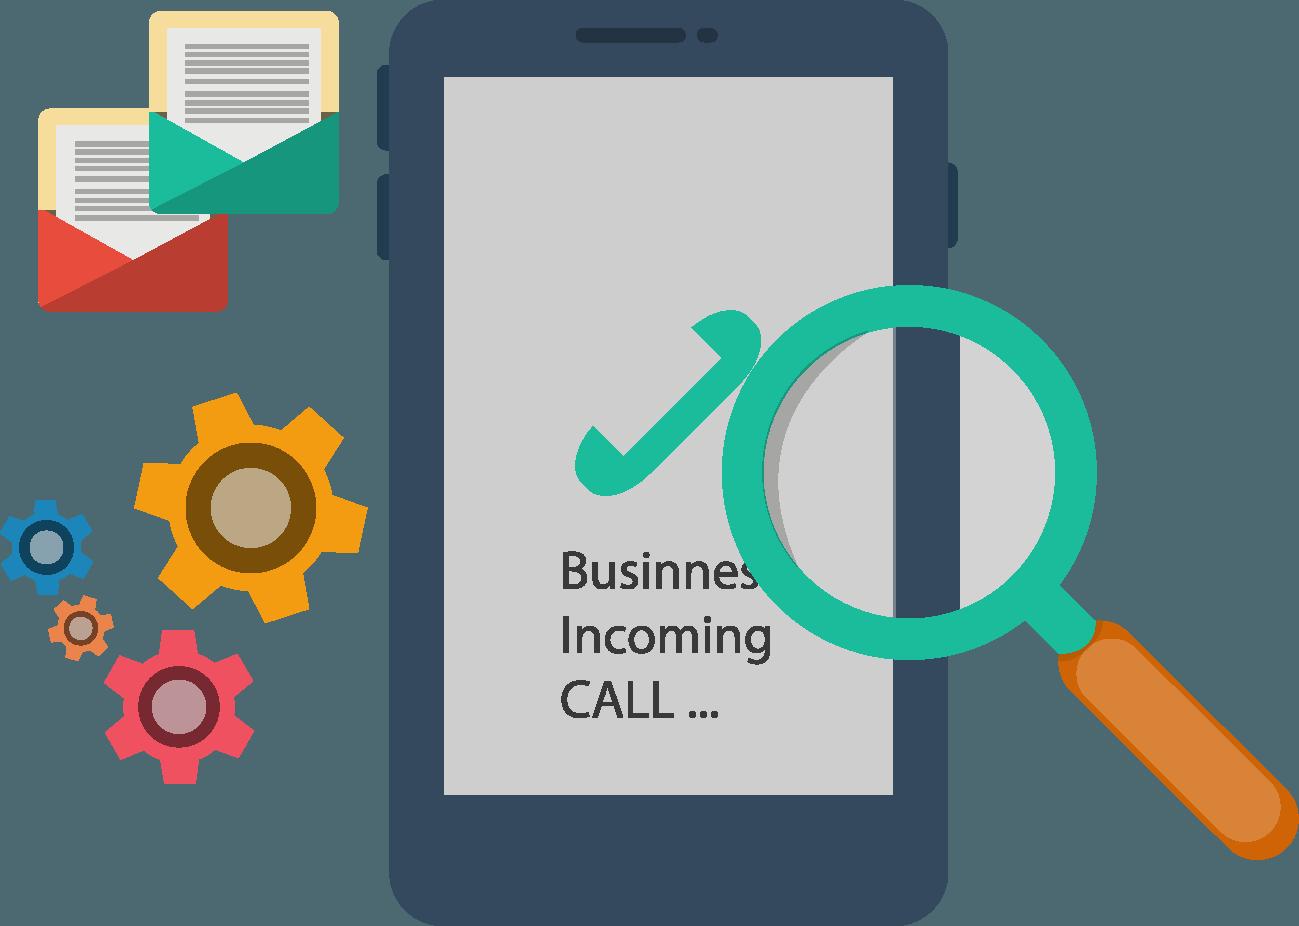 قائمة استراتيجيات فعالة لأفضل متاجر إلكترونية ناجحة